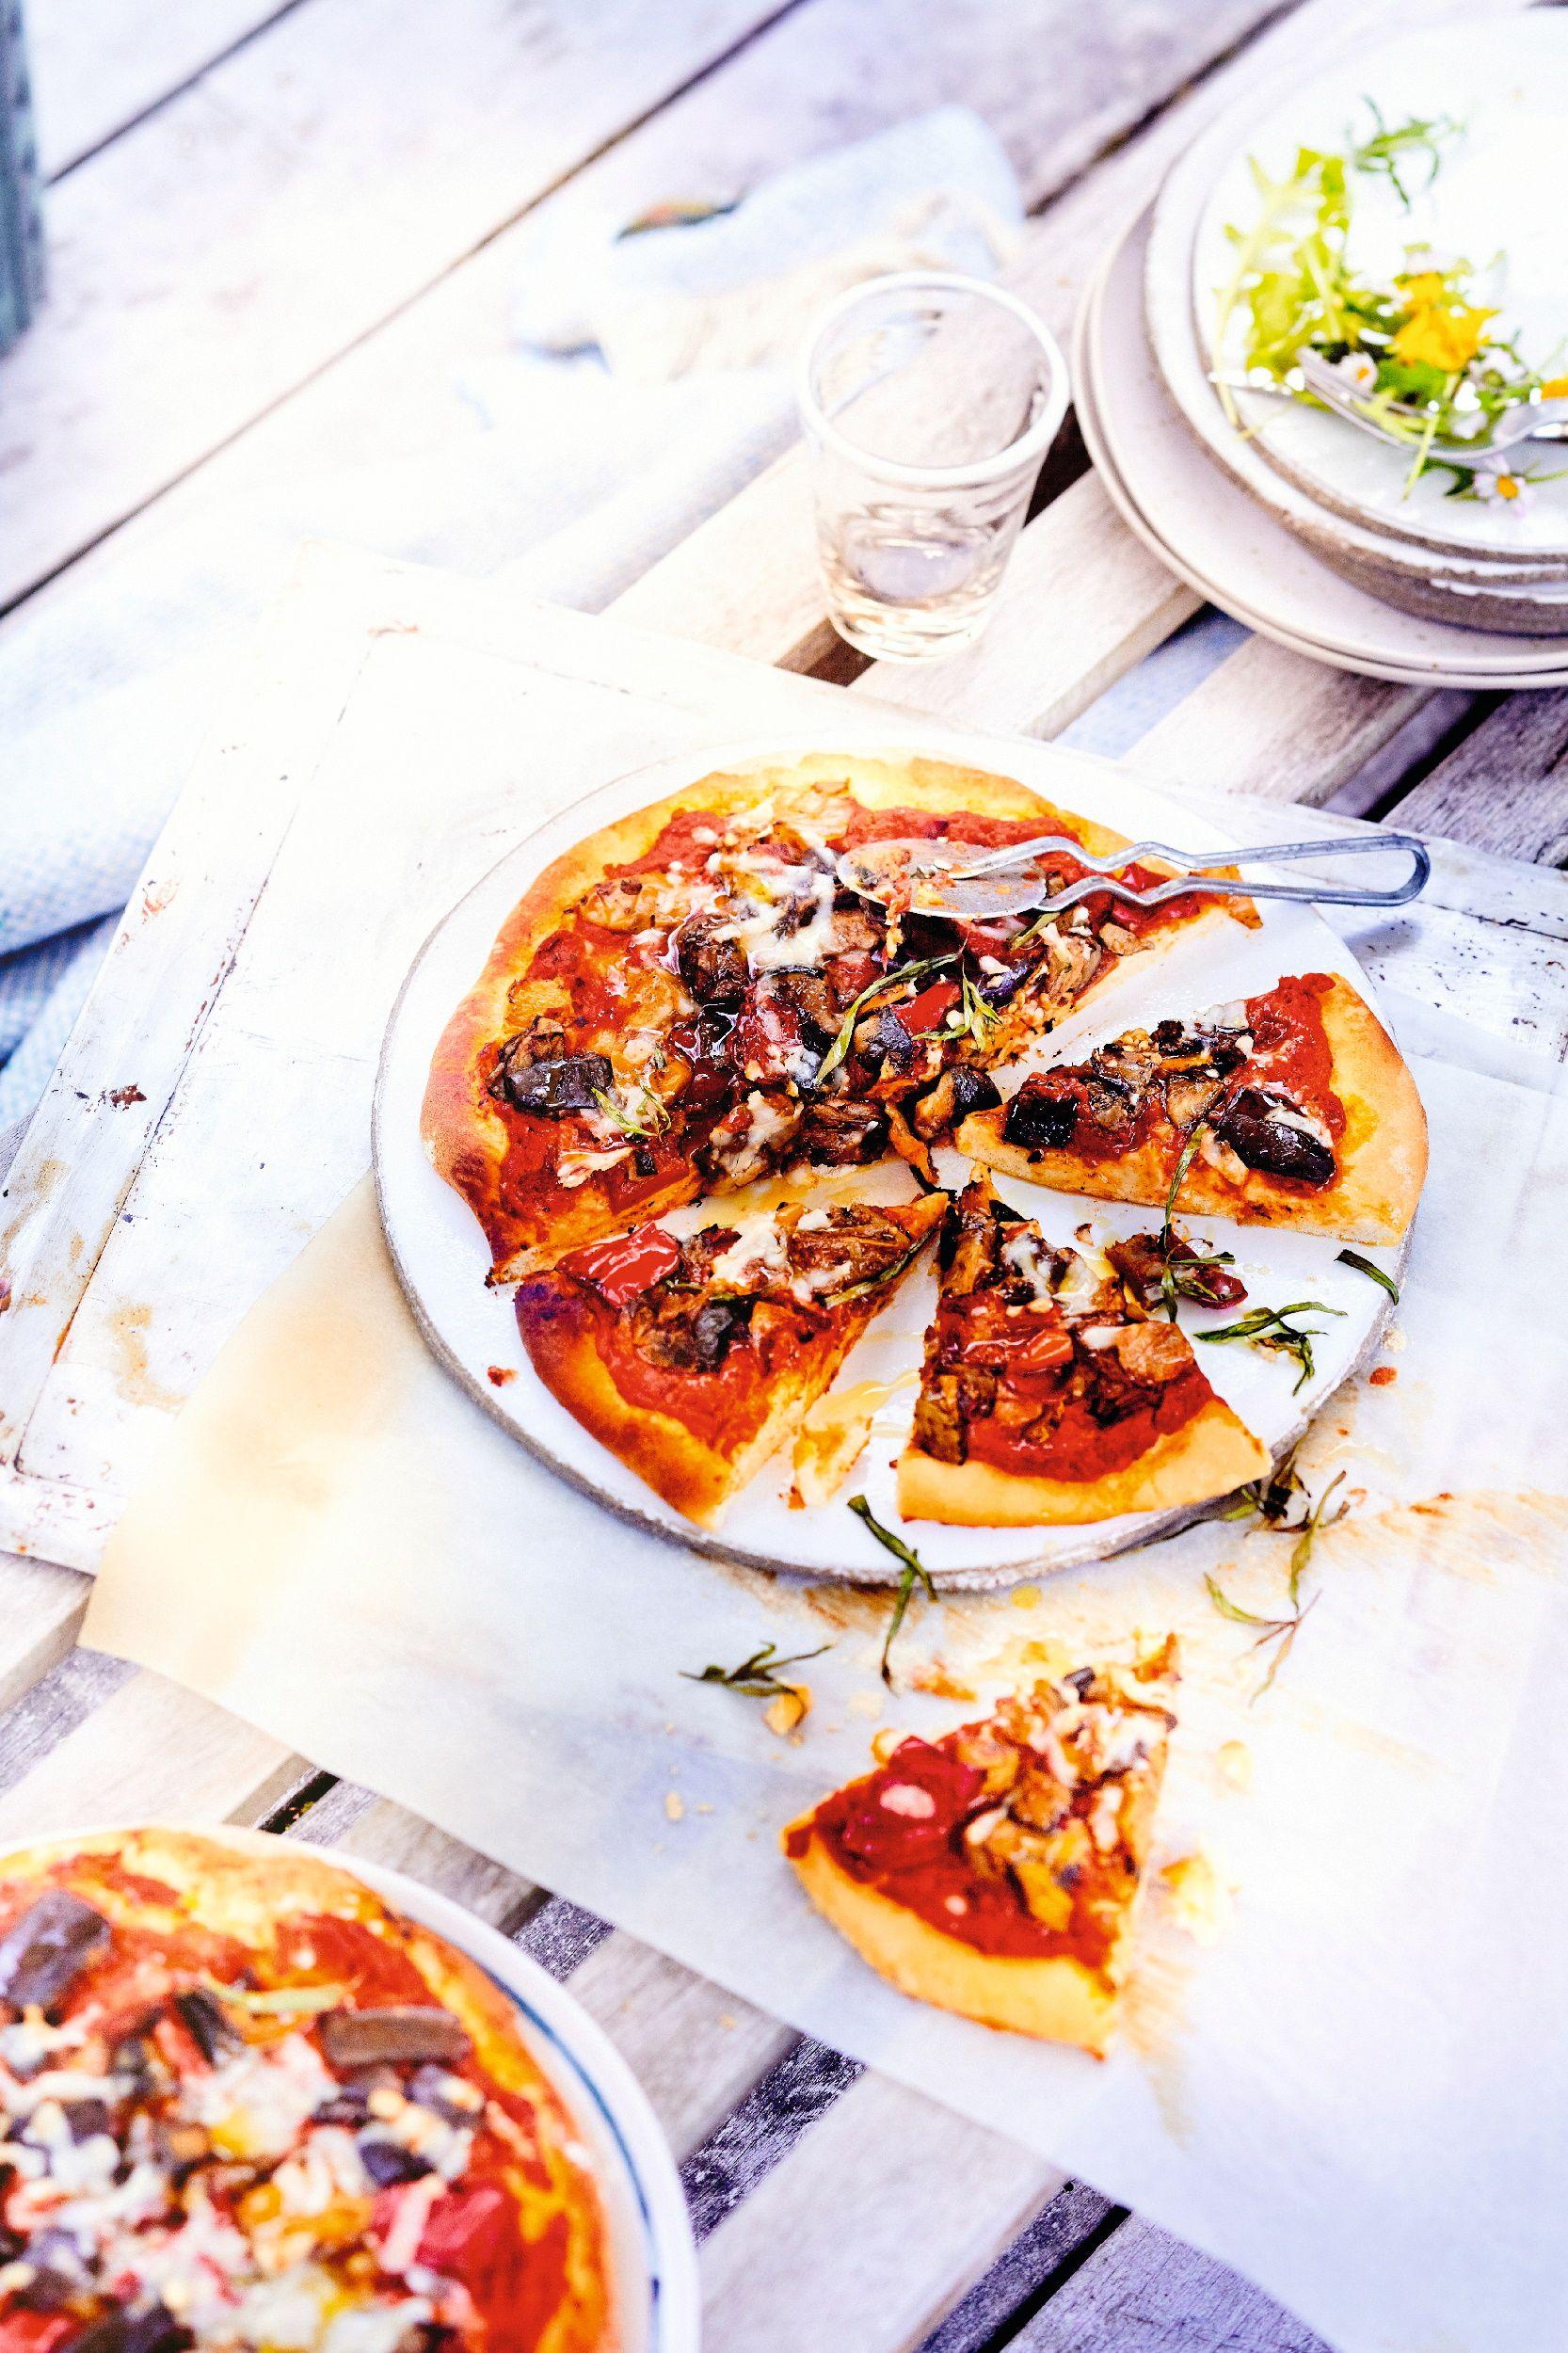 Recette pizza aux l gumes grill s recettes les recettes je cuisine facile hum pinterest - Antipasti legumes grilles ...